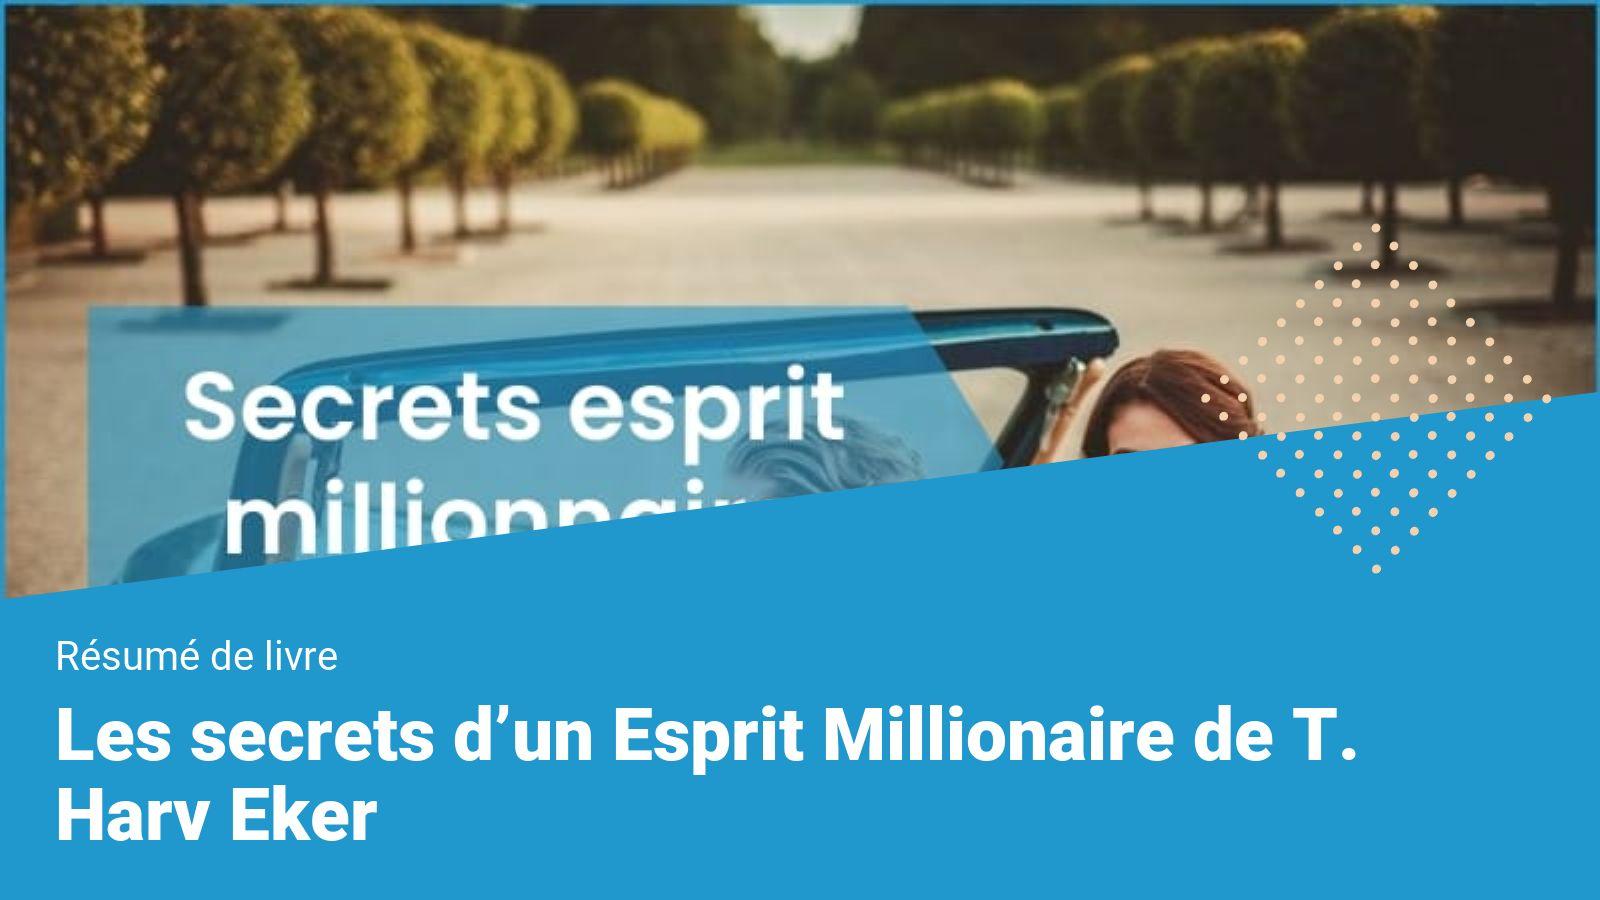 secrets-esprit-millionnaire